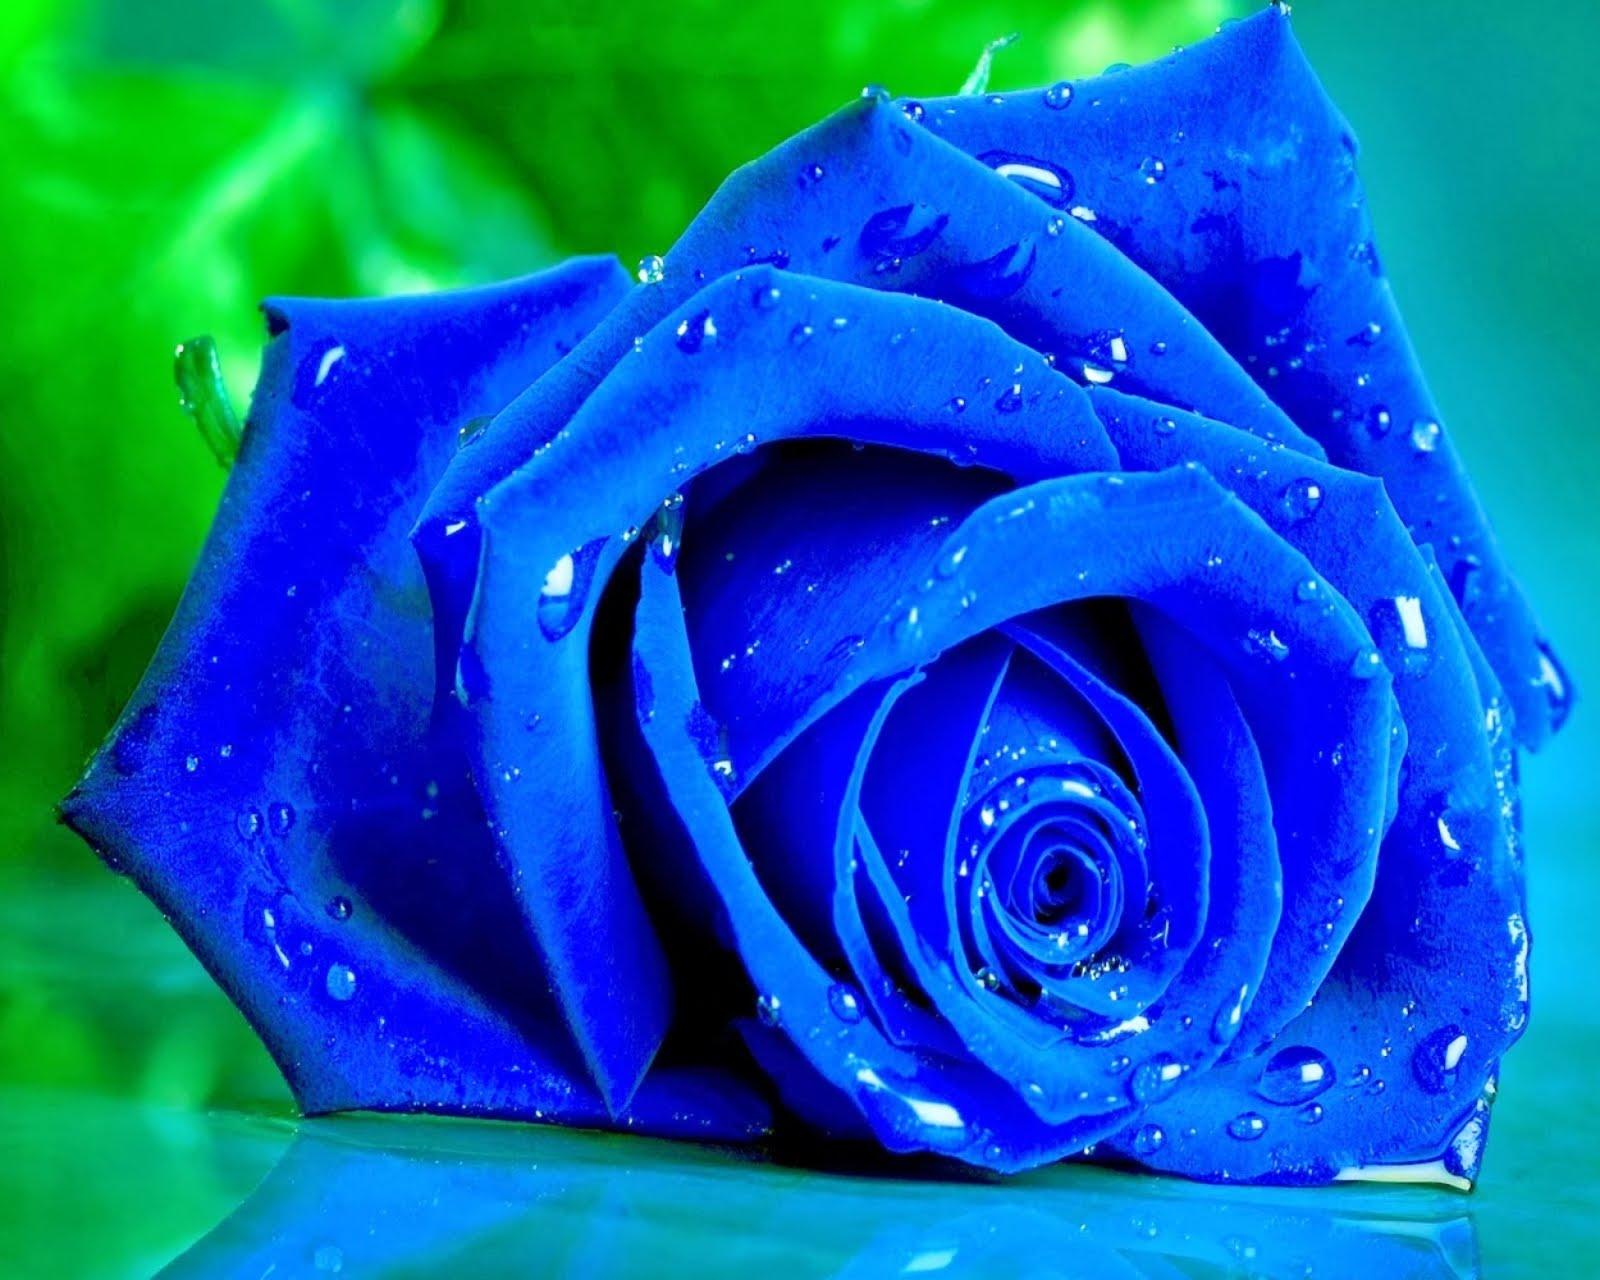 hinh anh hoa hong xanh 13